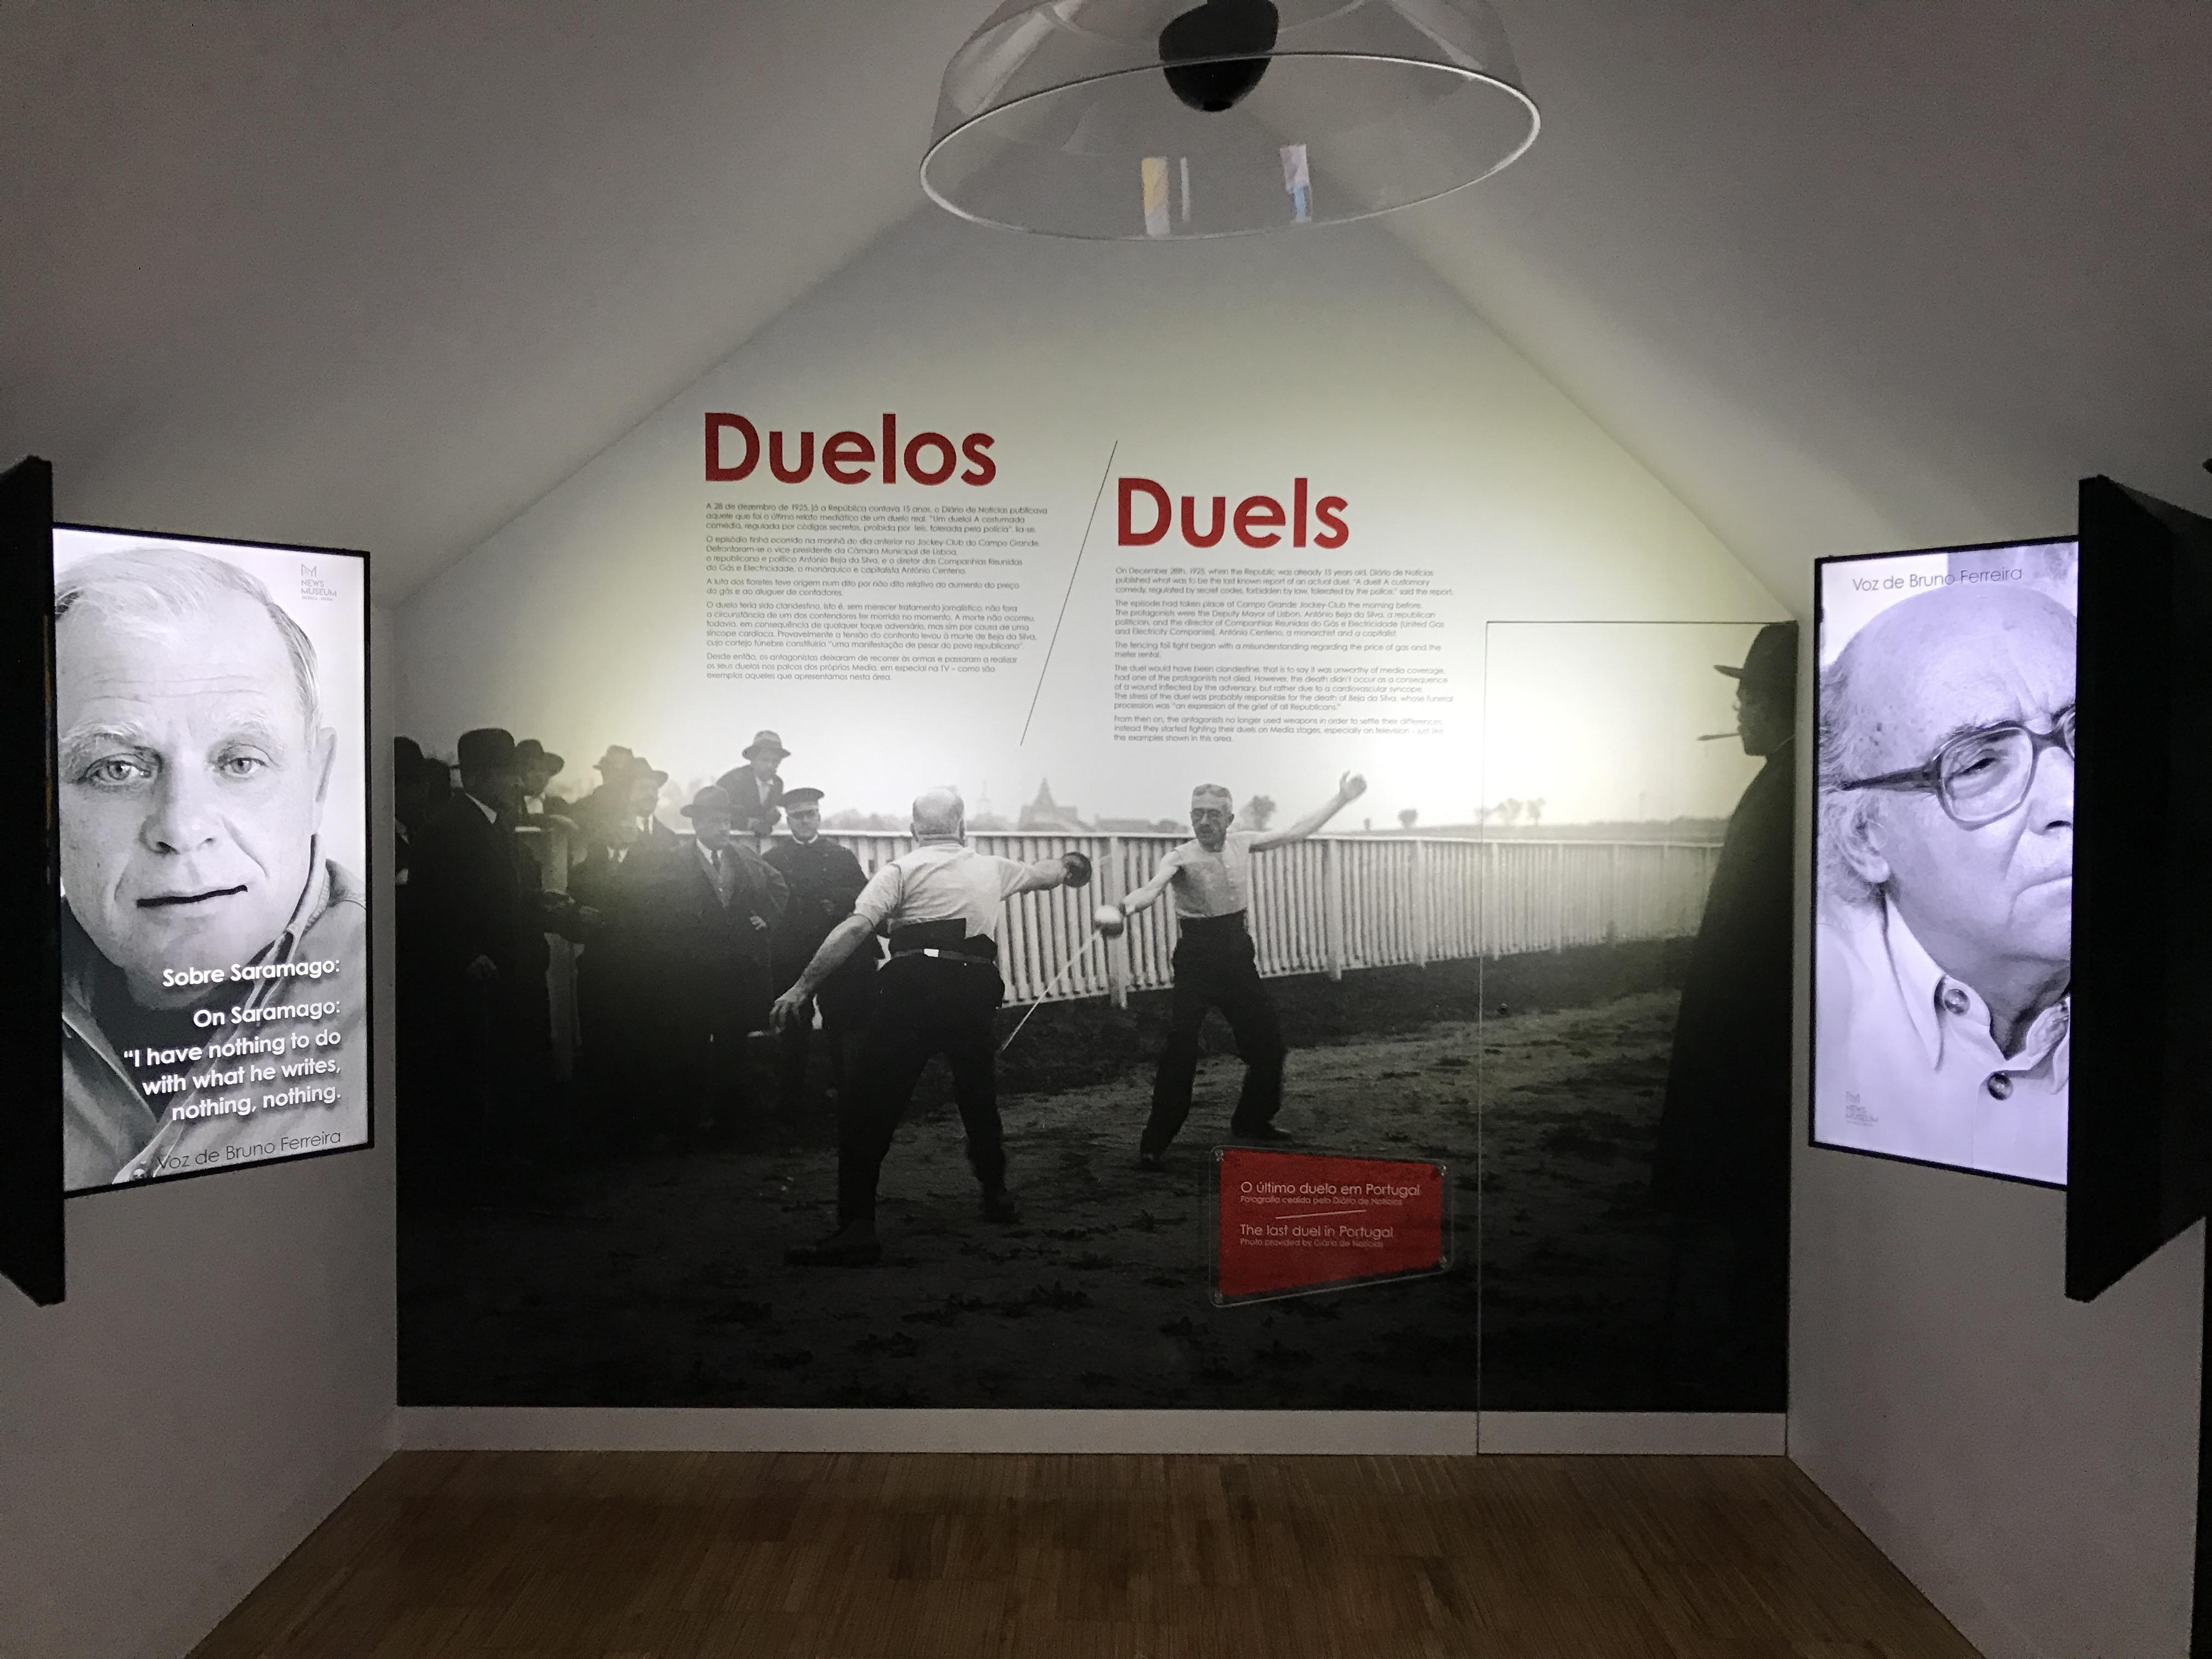 Sala dos duelos, Museu das Notícias, Sintra